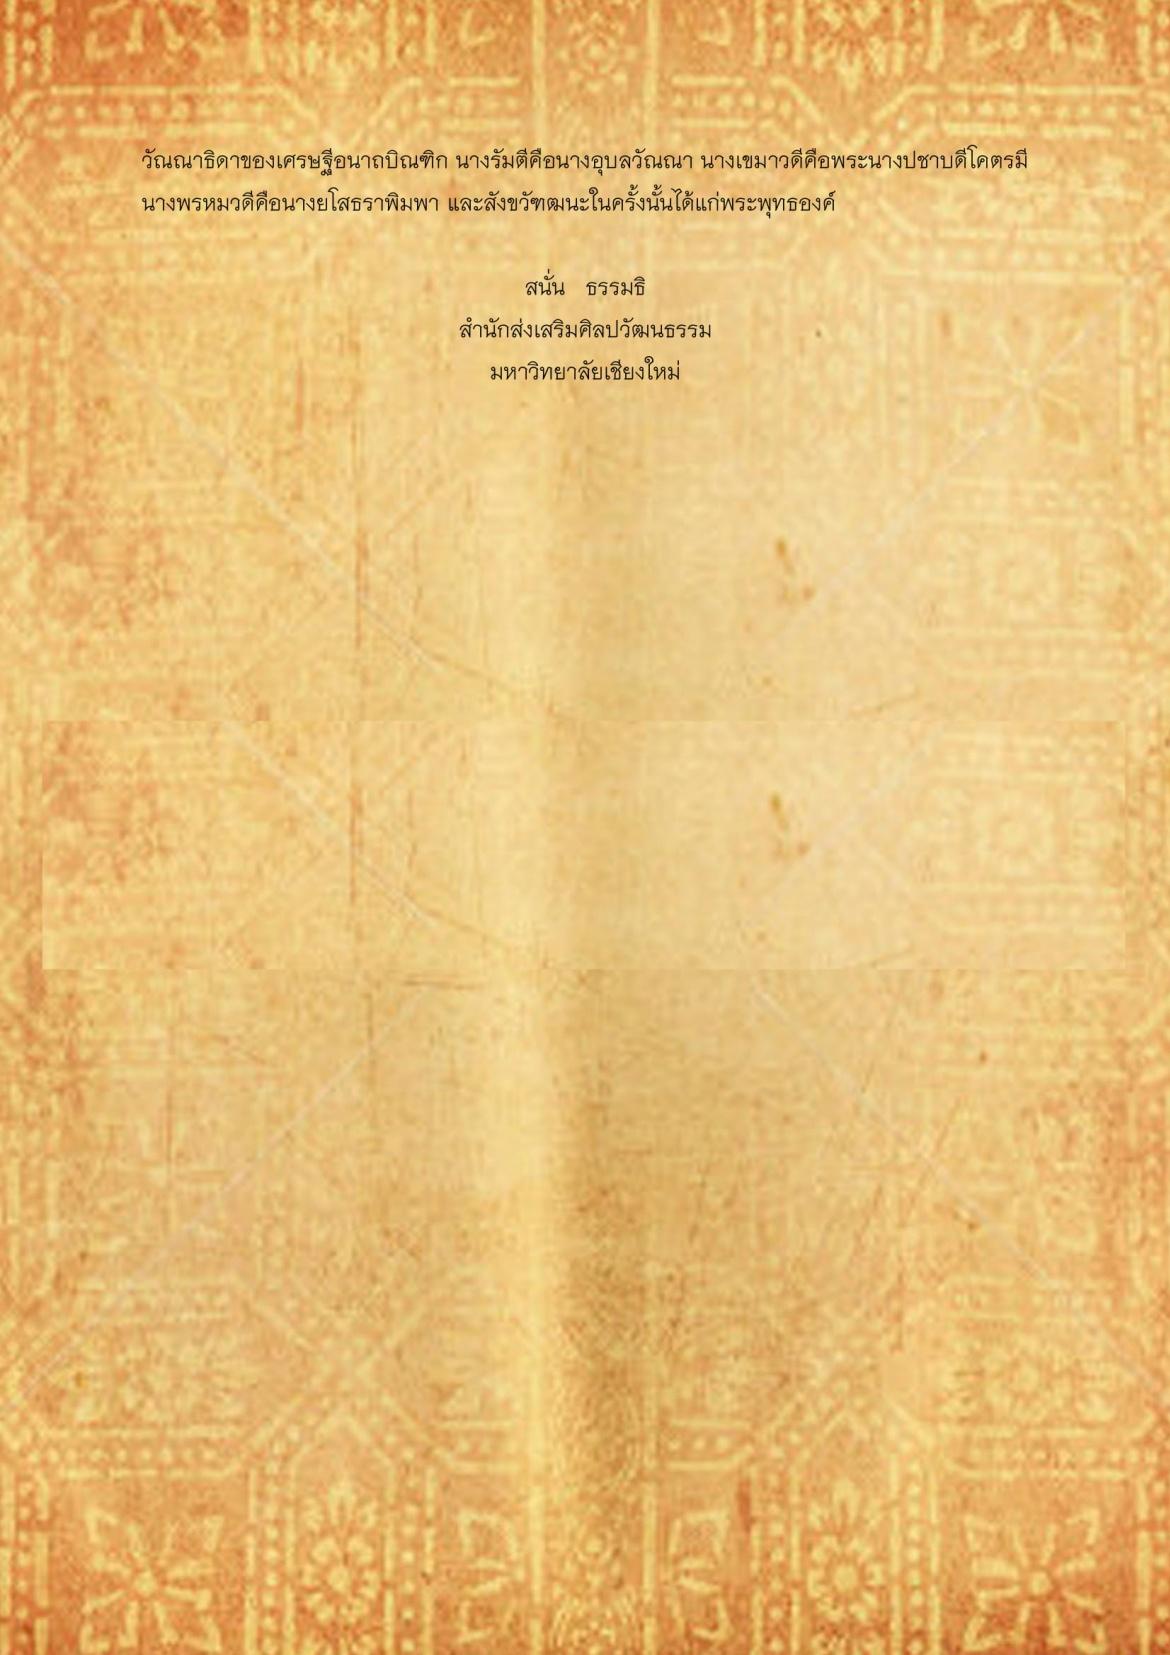 สังขวัฑฒนะ(4) - 27 กุมภาพันธ์ 2560